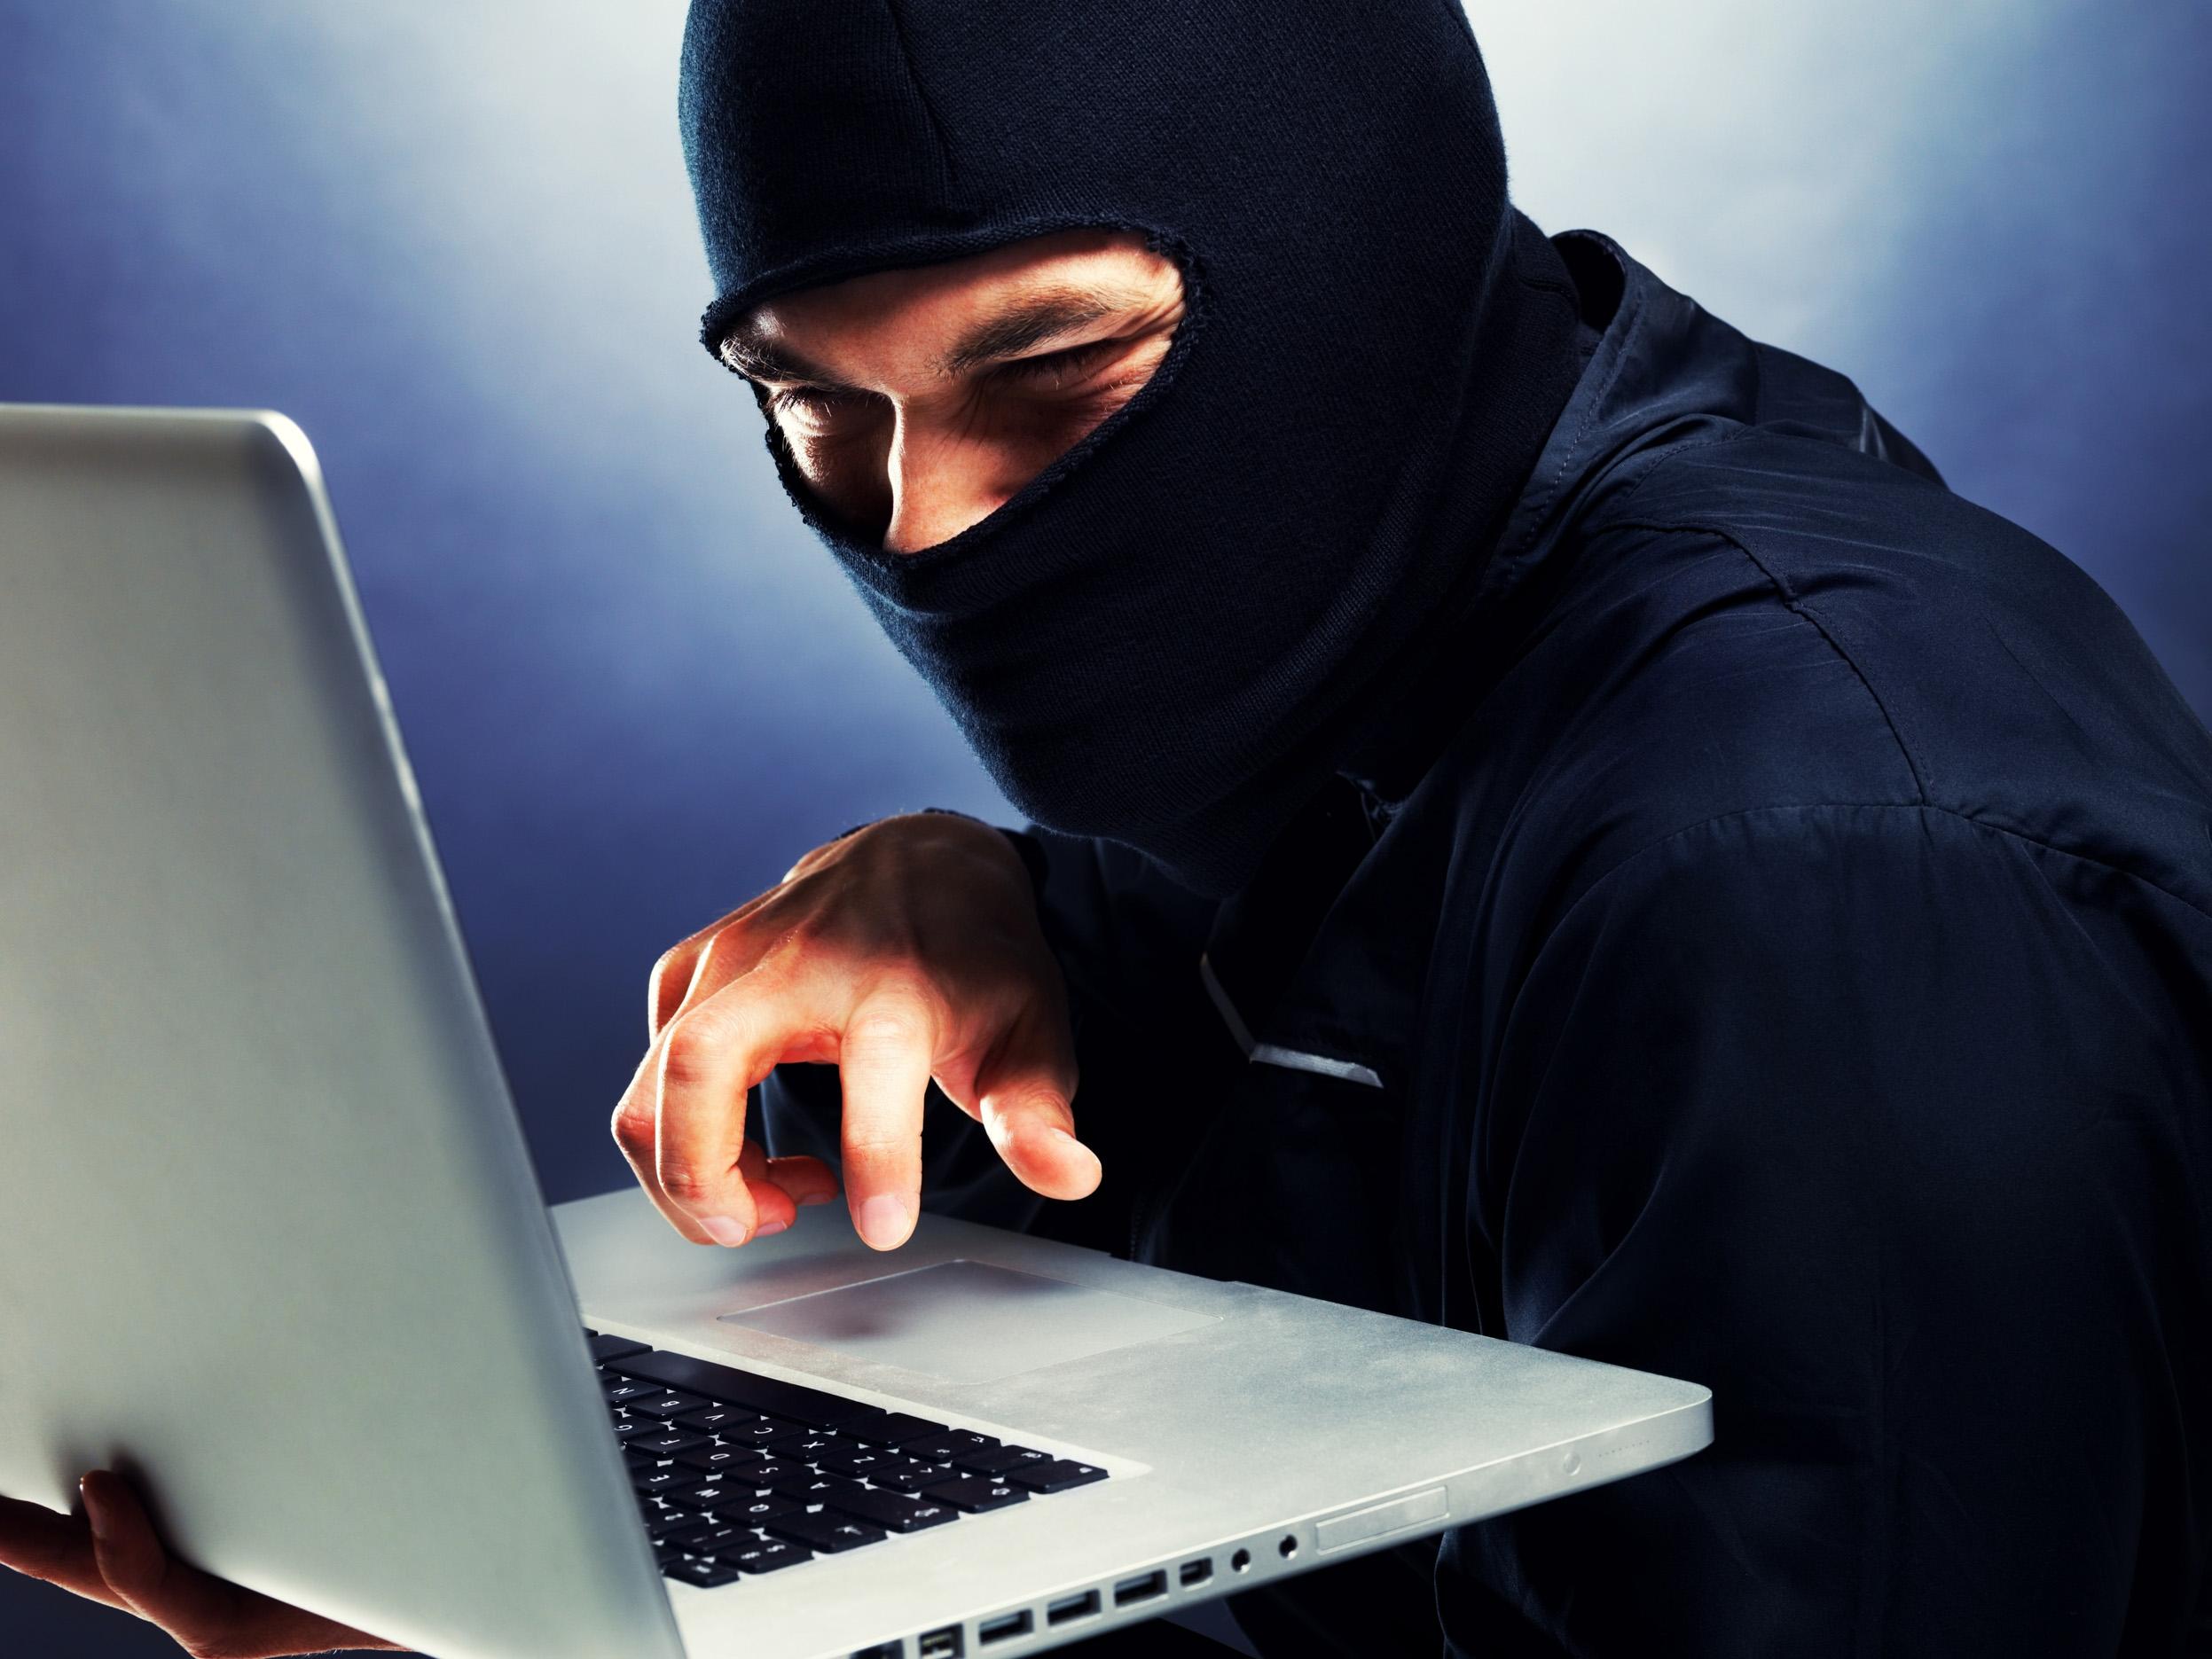 مايكروسوفت تتهم CIA بتسهيل هجمات فيروس الفدية